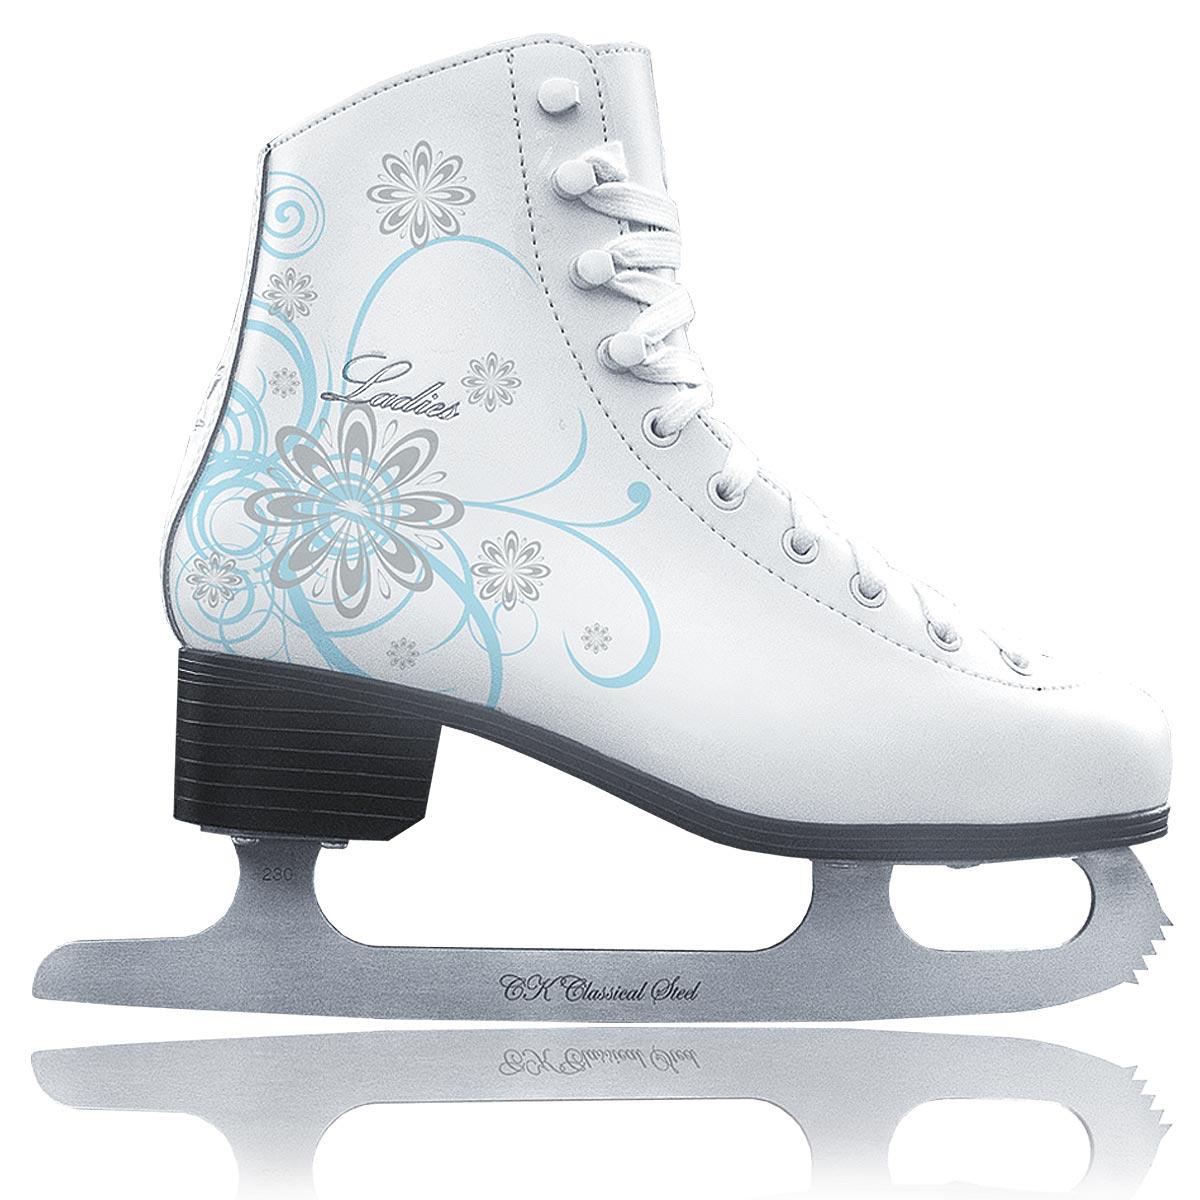 Коньки фигурные для девочки CK Ladies Velvet Classic, цвет: белый, голубой, серебряный. Размер 27